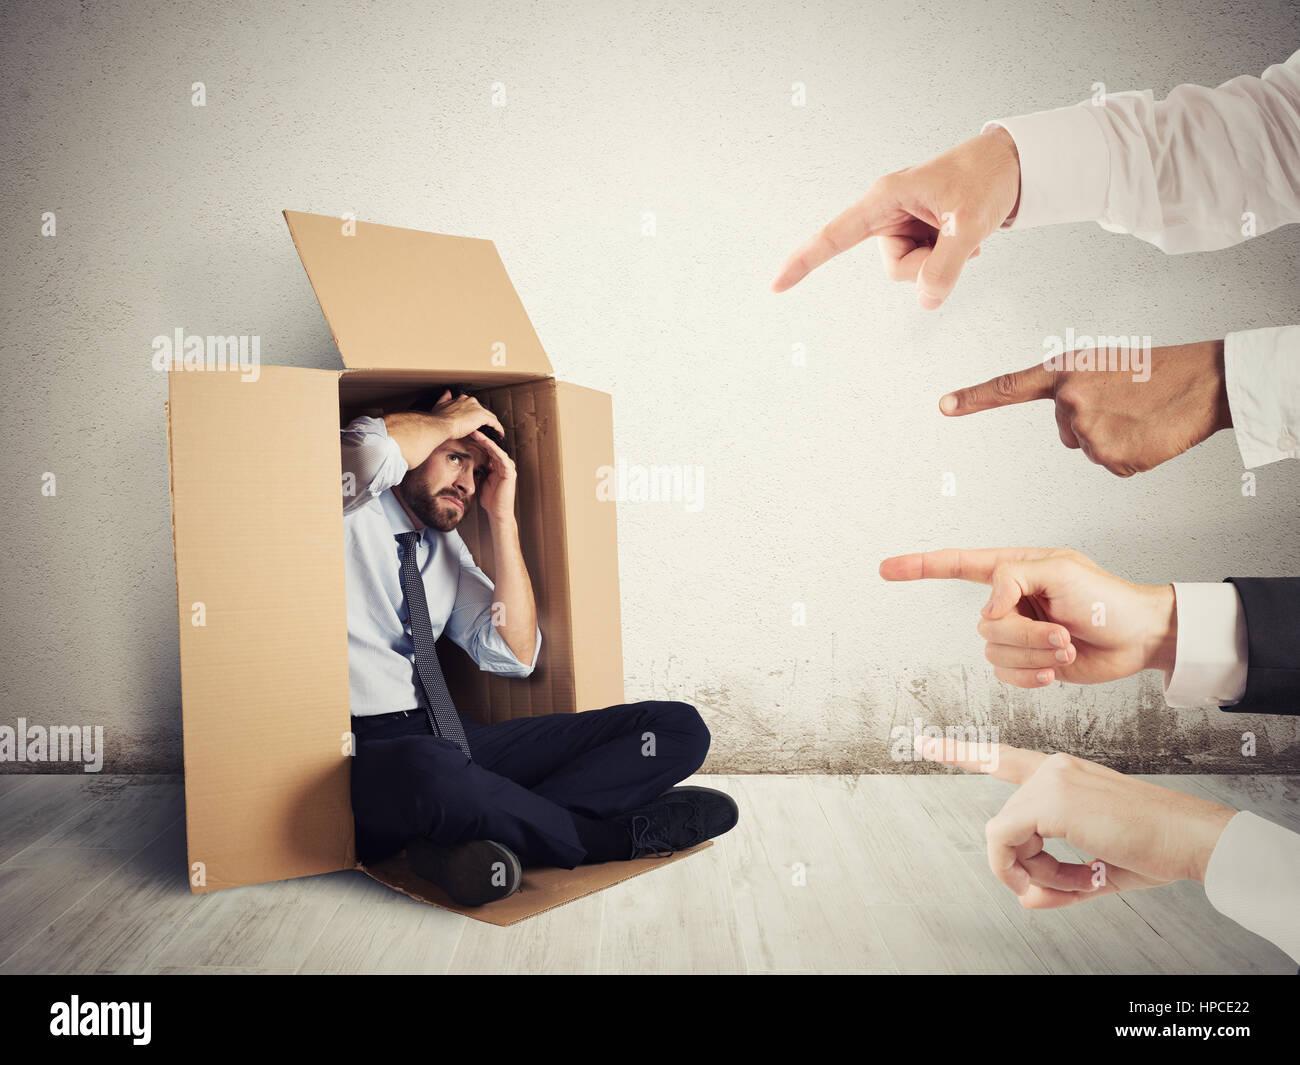 Schuldig Geschäftsmann durch Kollegen angezeigt Stockbild